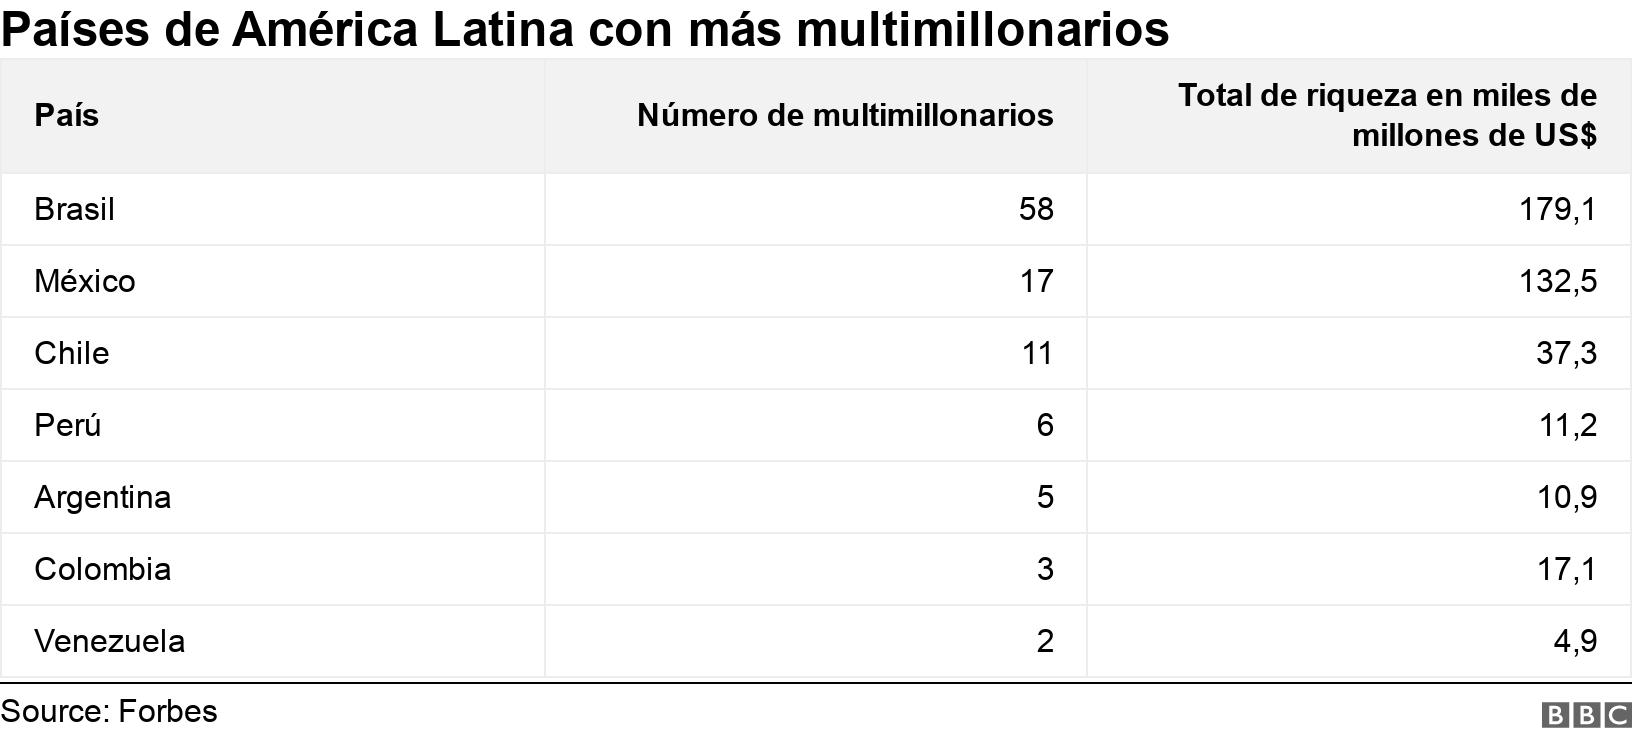 Países de América Latina con más multimillonarios. .  .